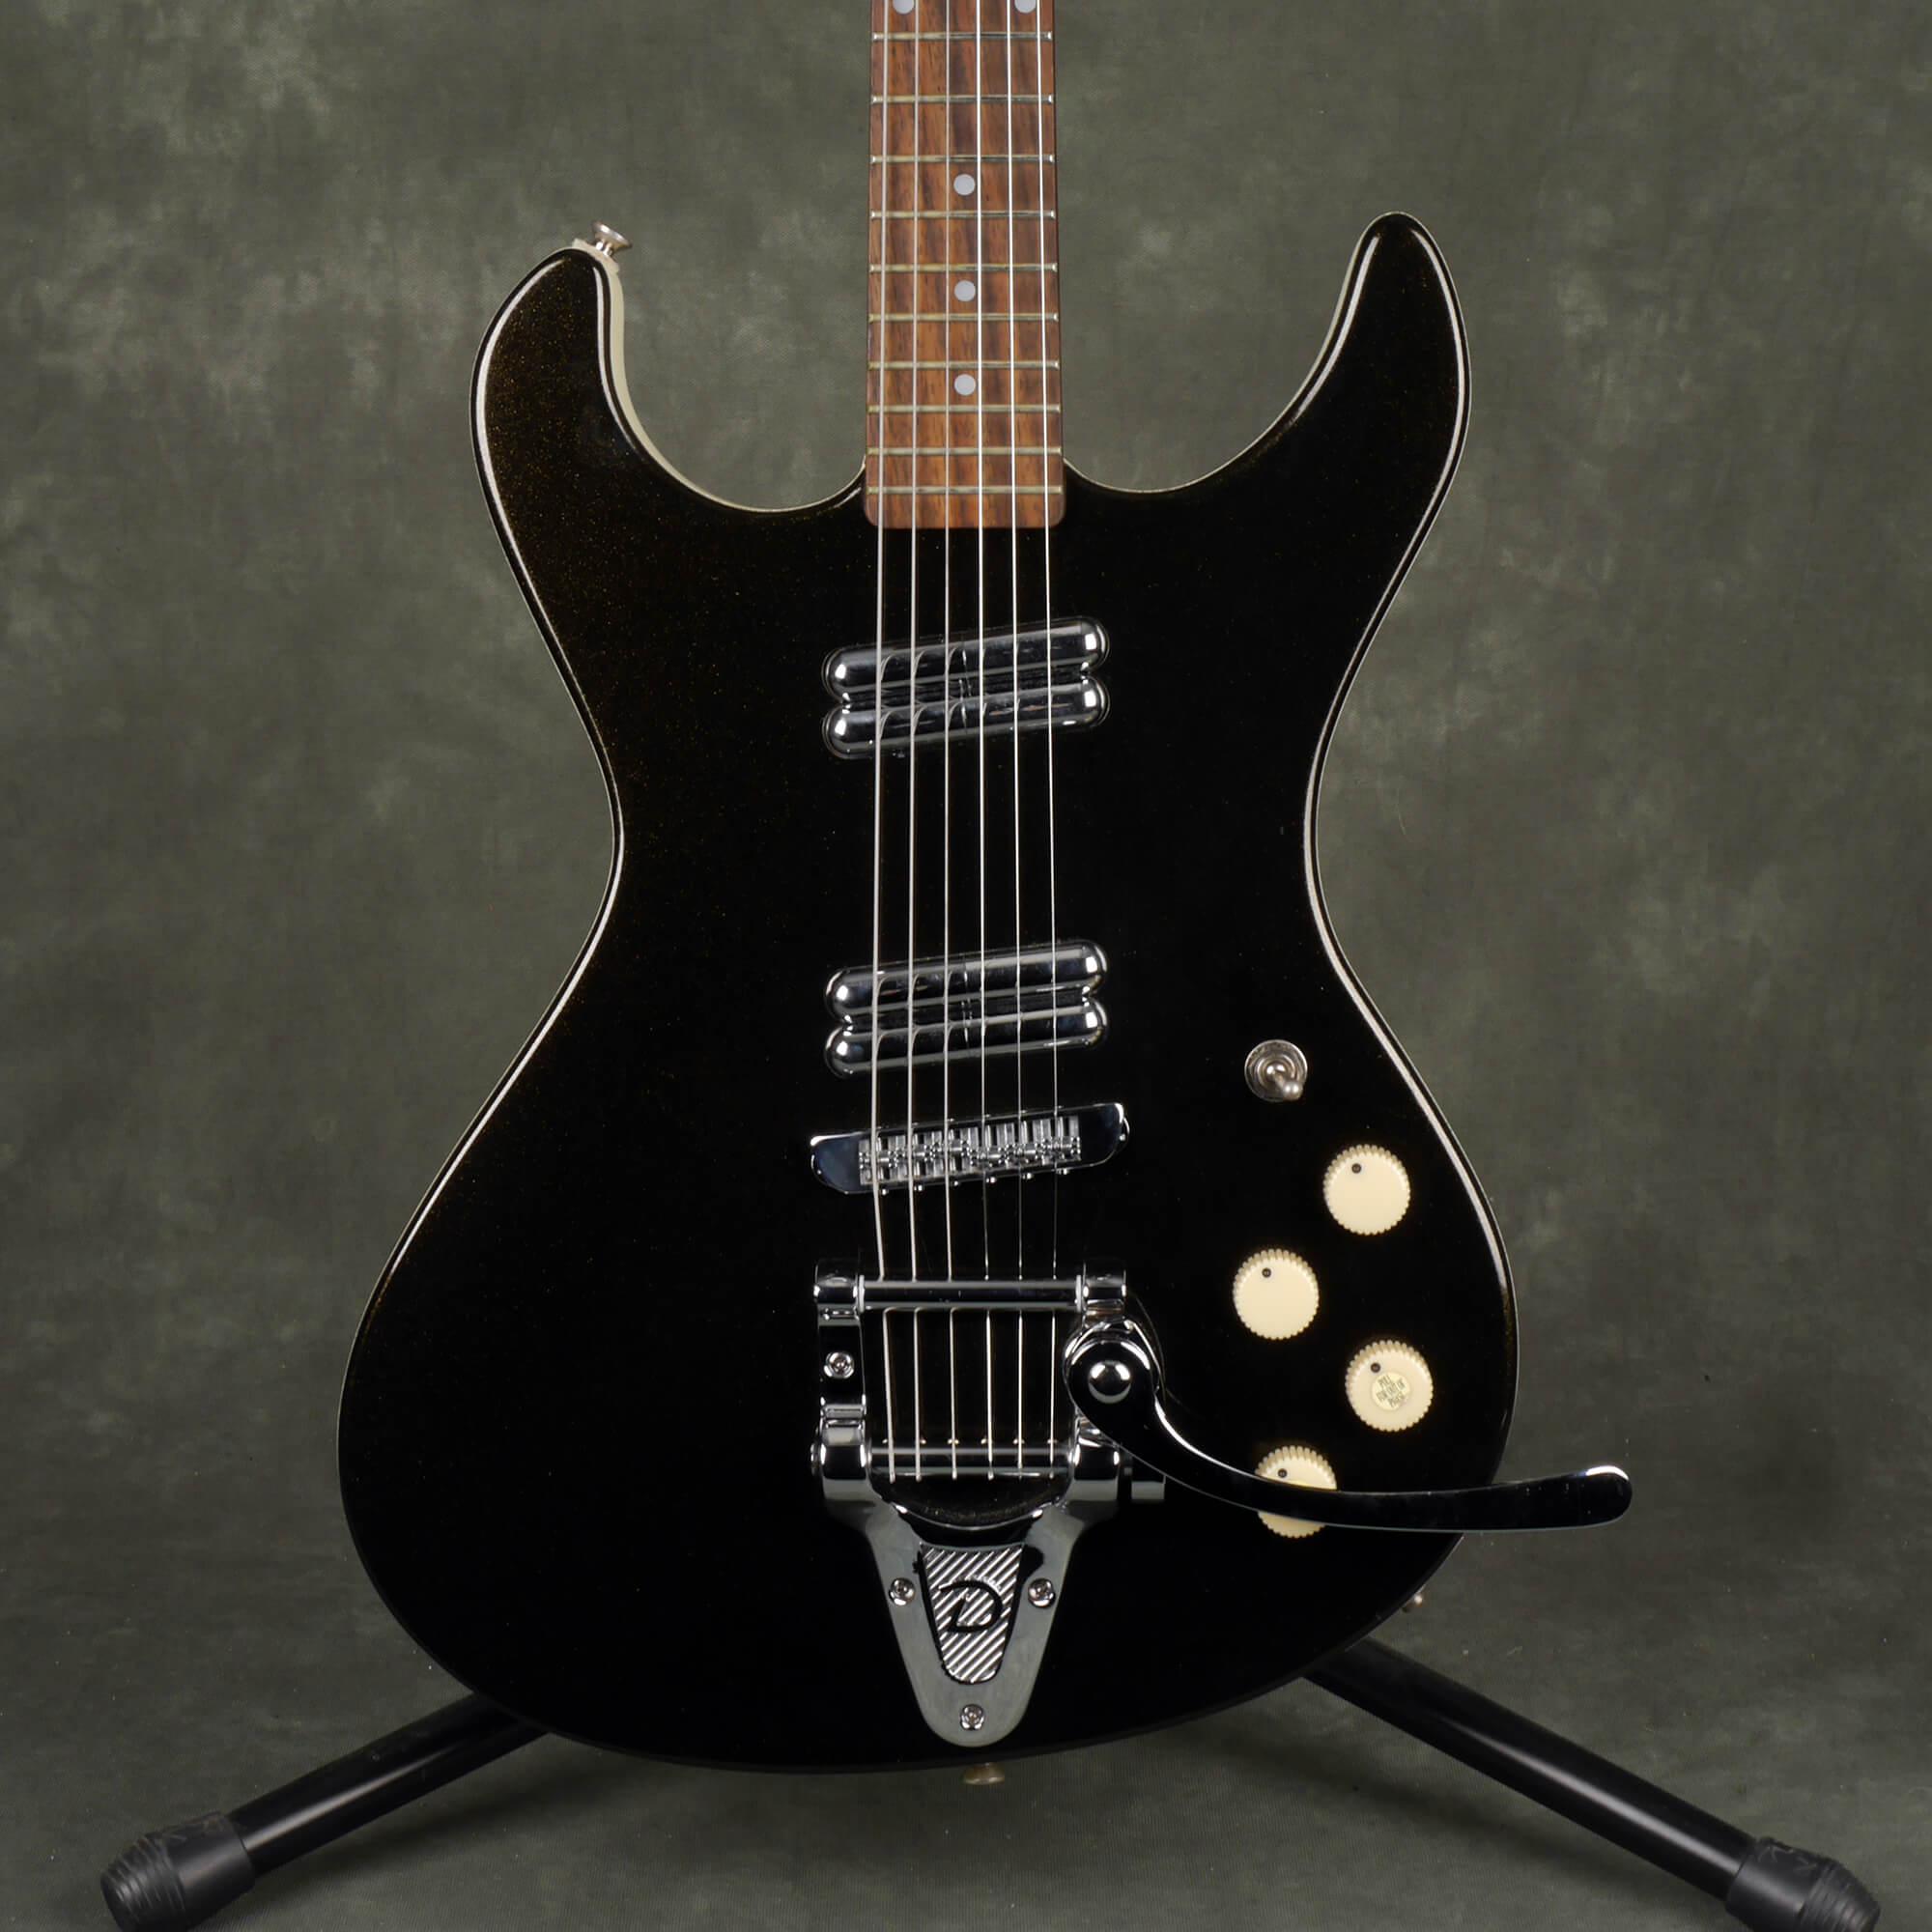 Danelectro Hodad Electric Guitar - Black - 2nd Hand